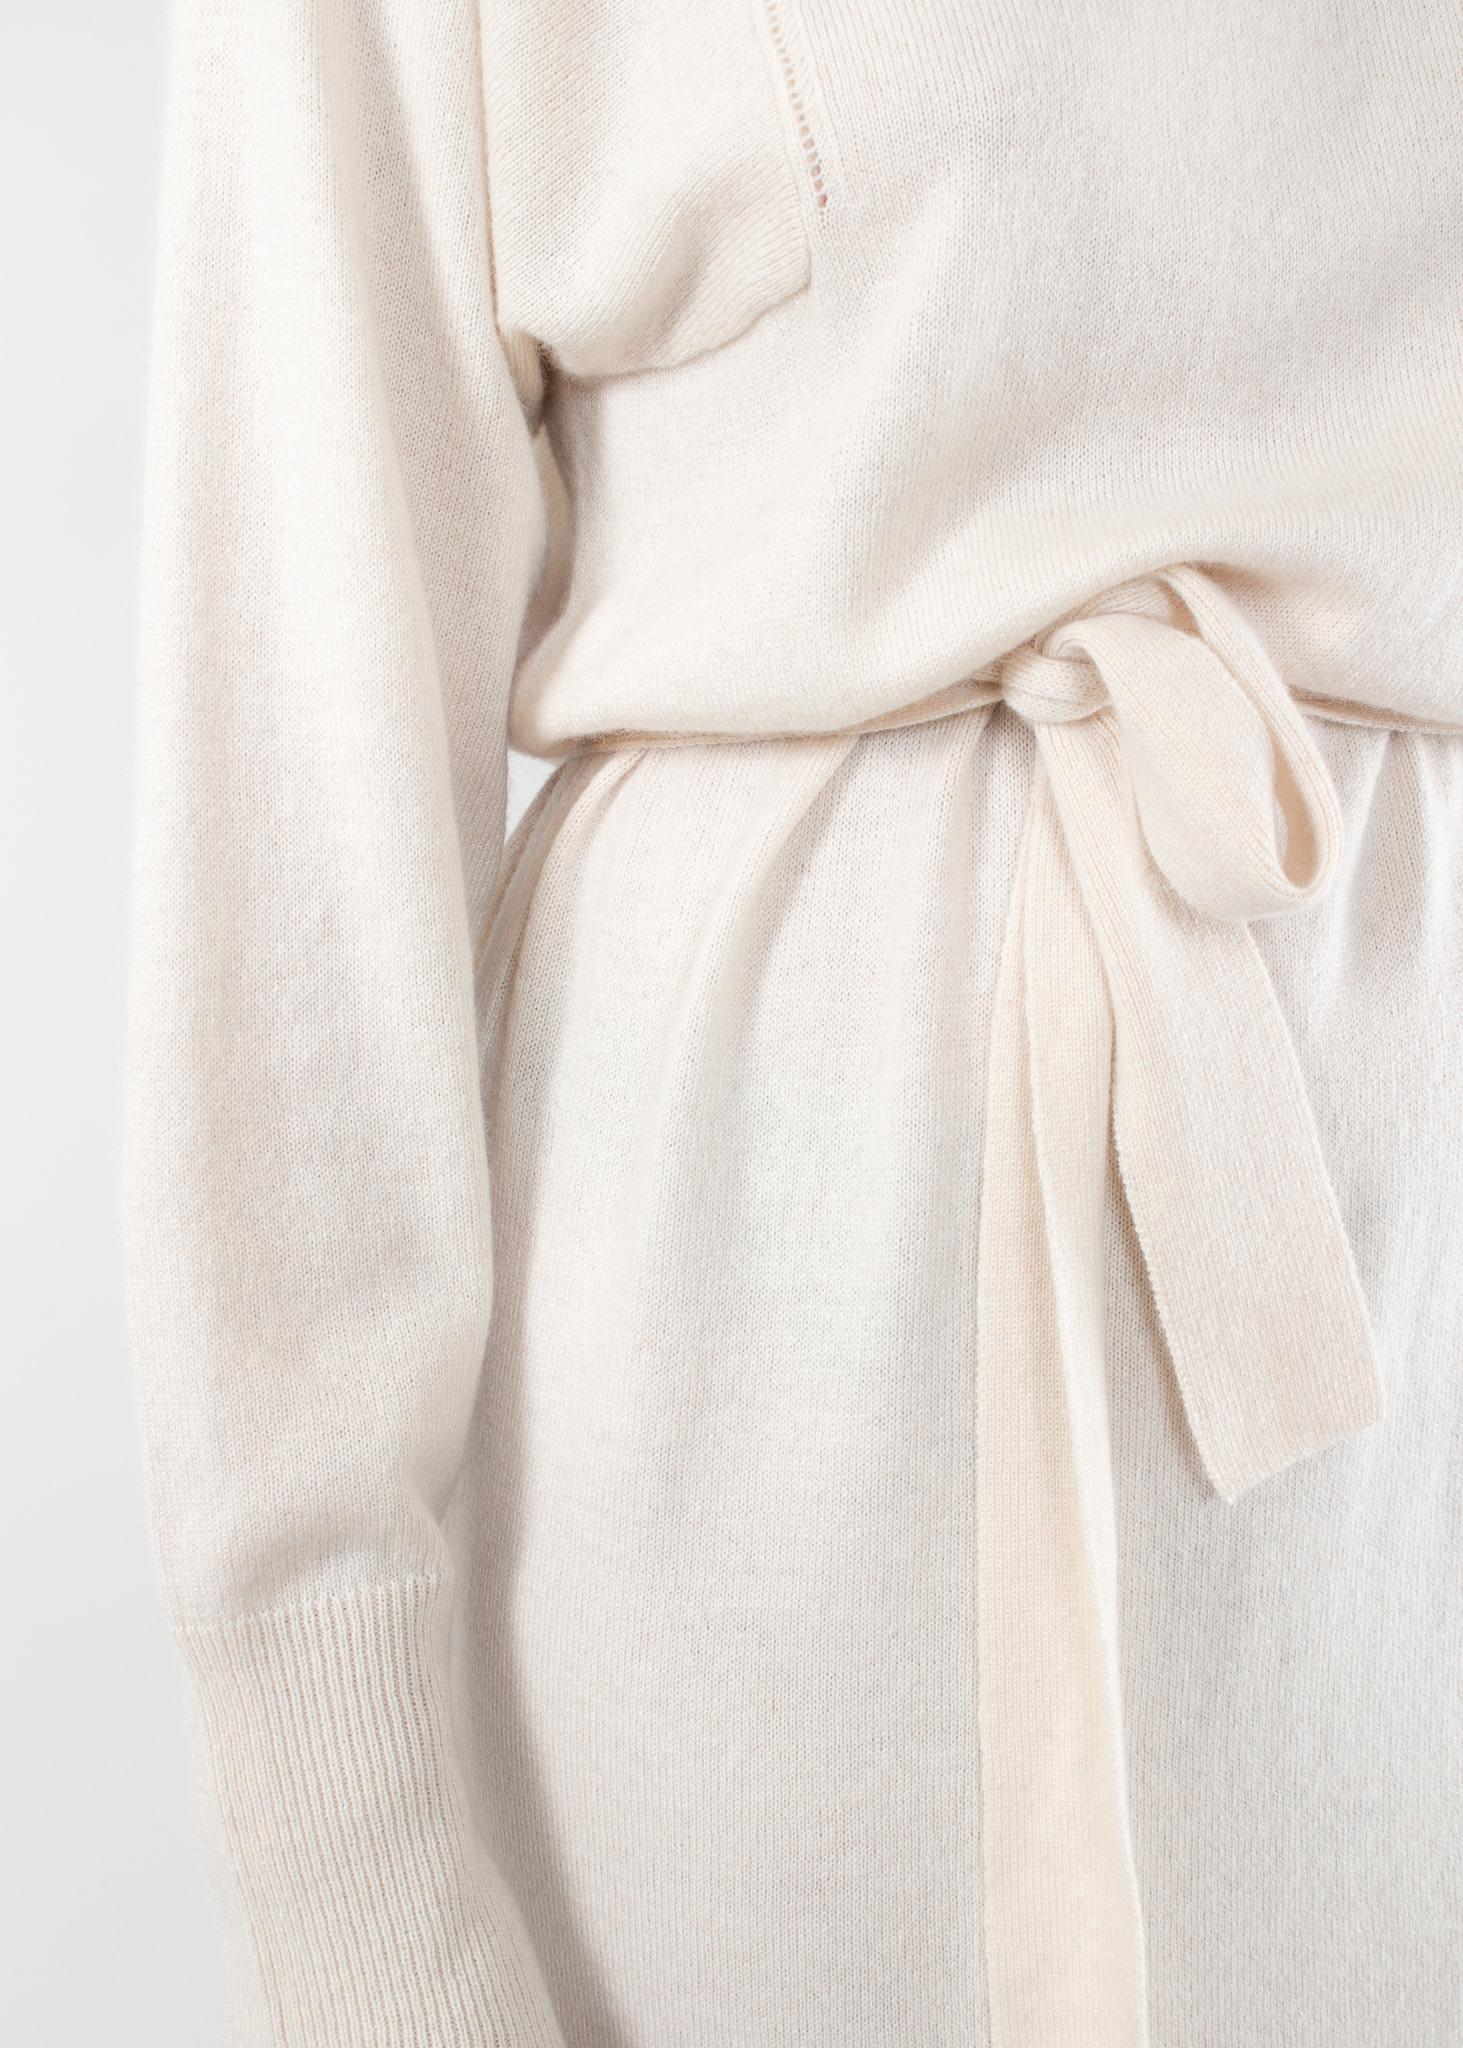 IN WEAR Iris dress french nougat